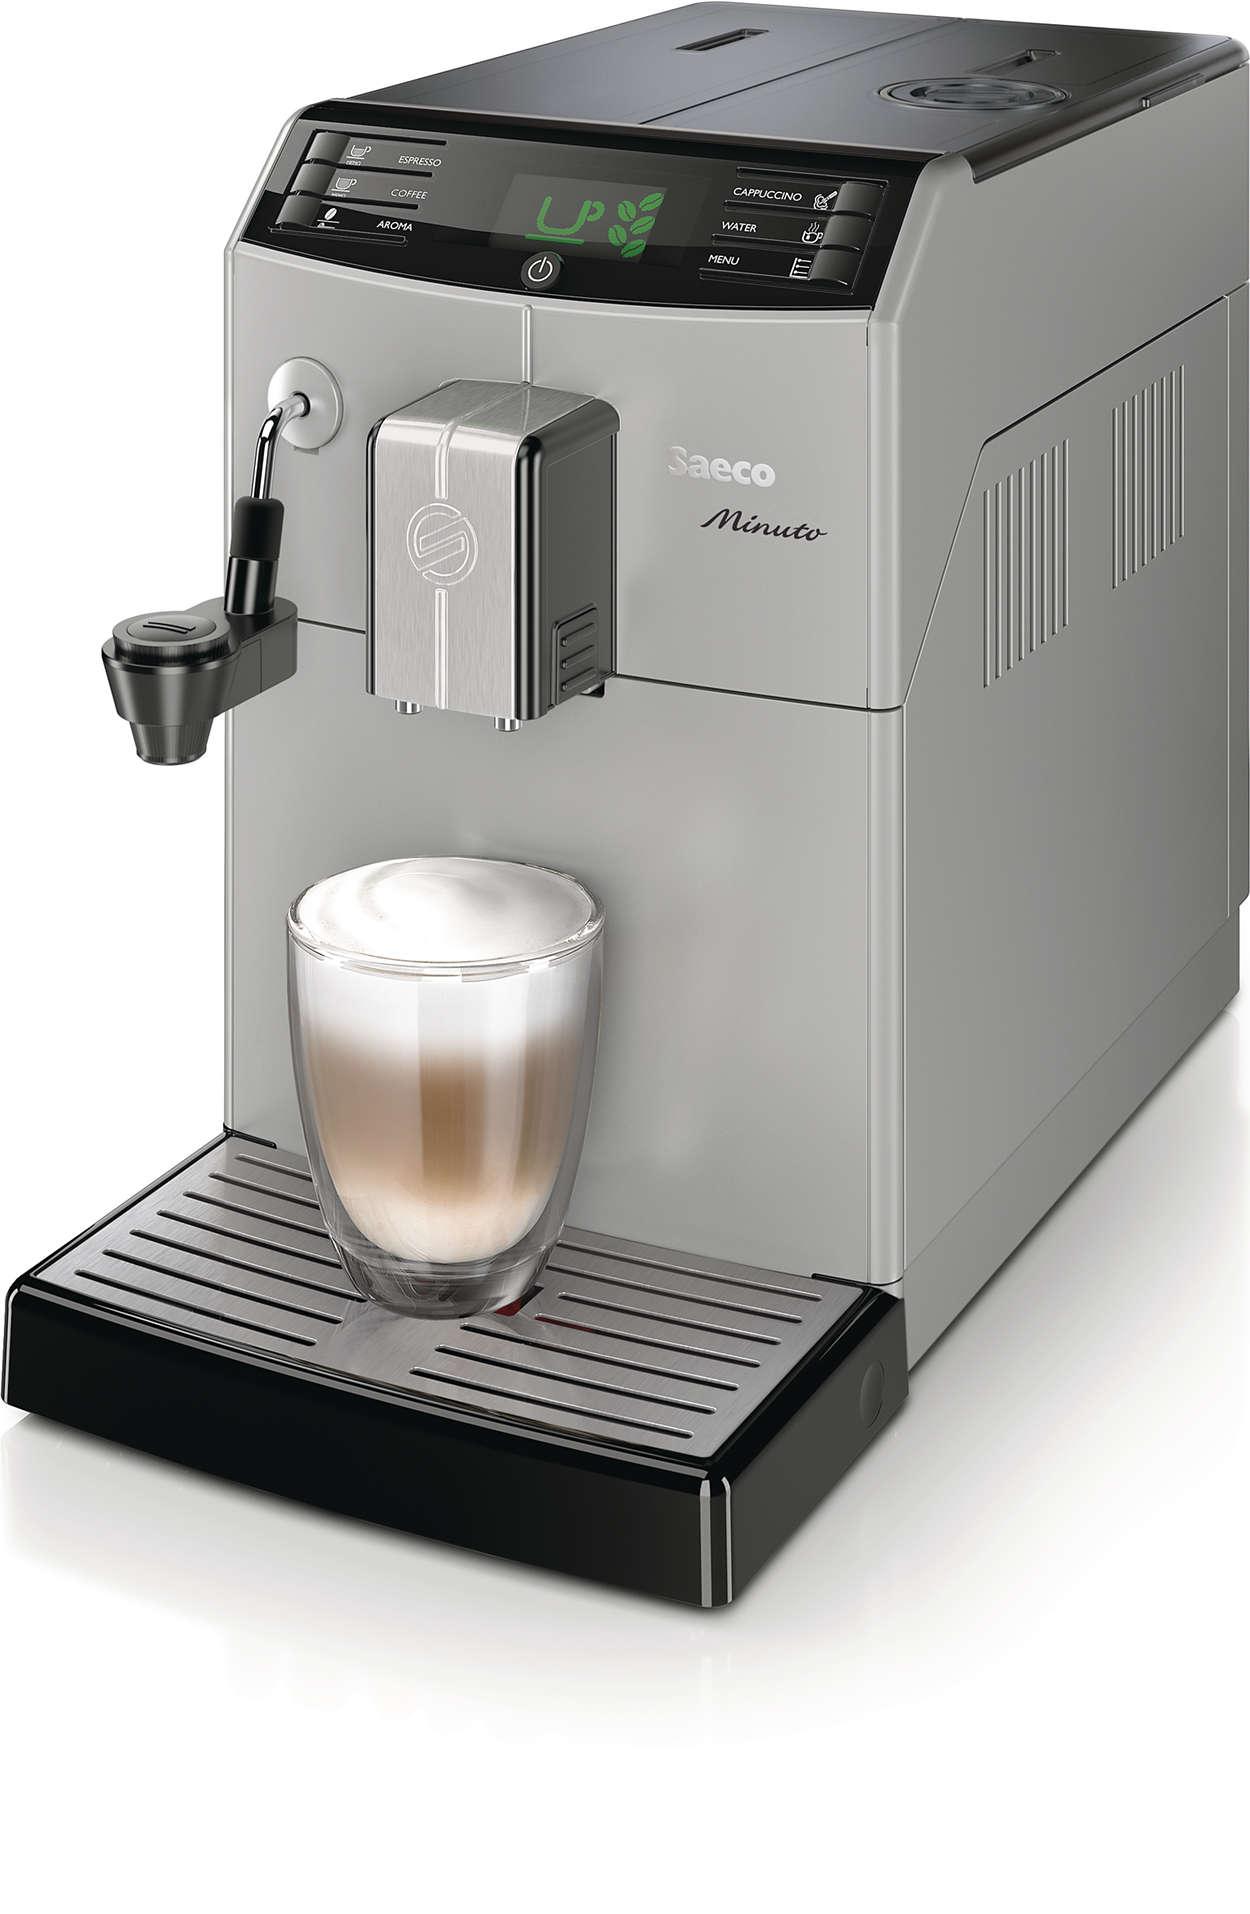 Altijd uw favoriete koffie met één druk op de knop